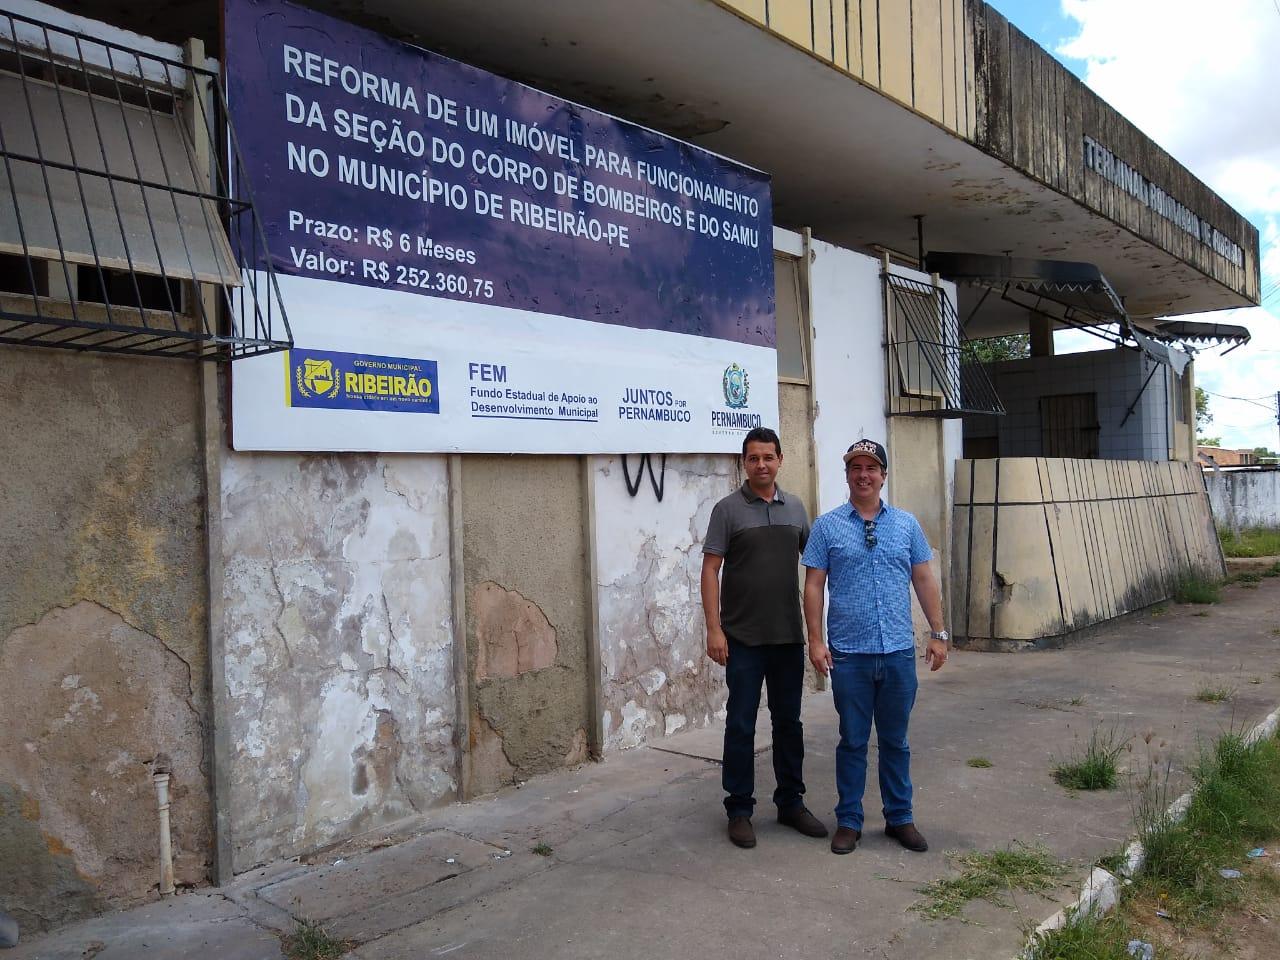 Prefeitura de Ribeirão inicia obras para instalação da Unidade do Corpo de Bombeiros